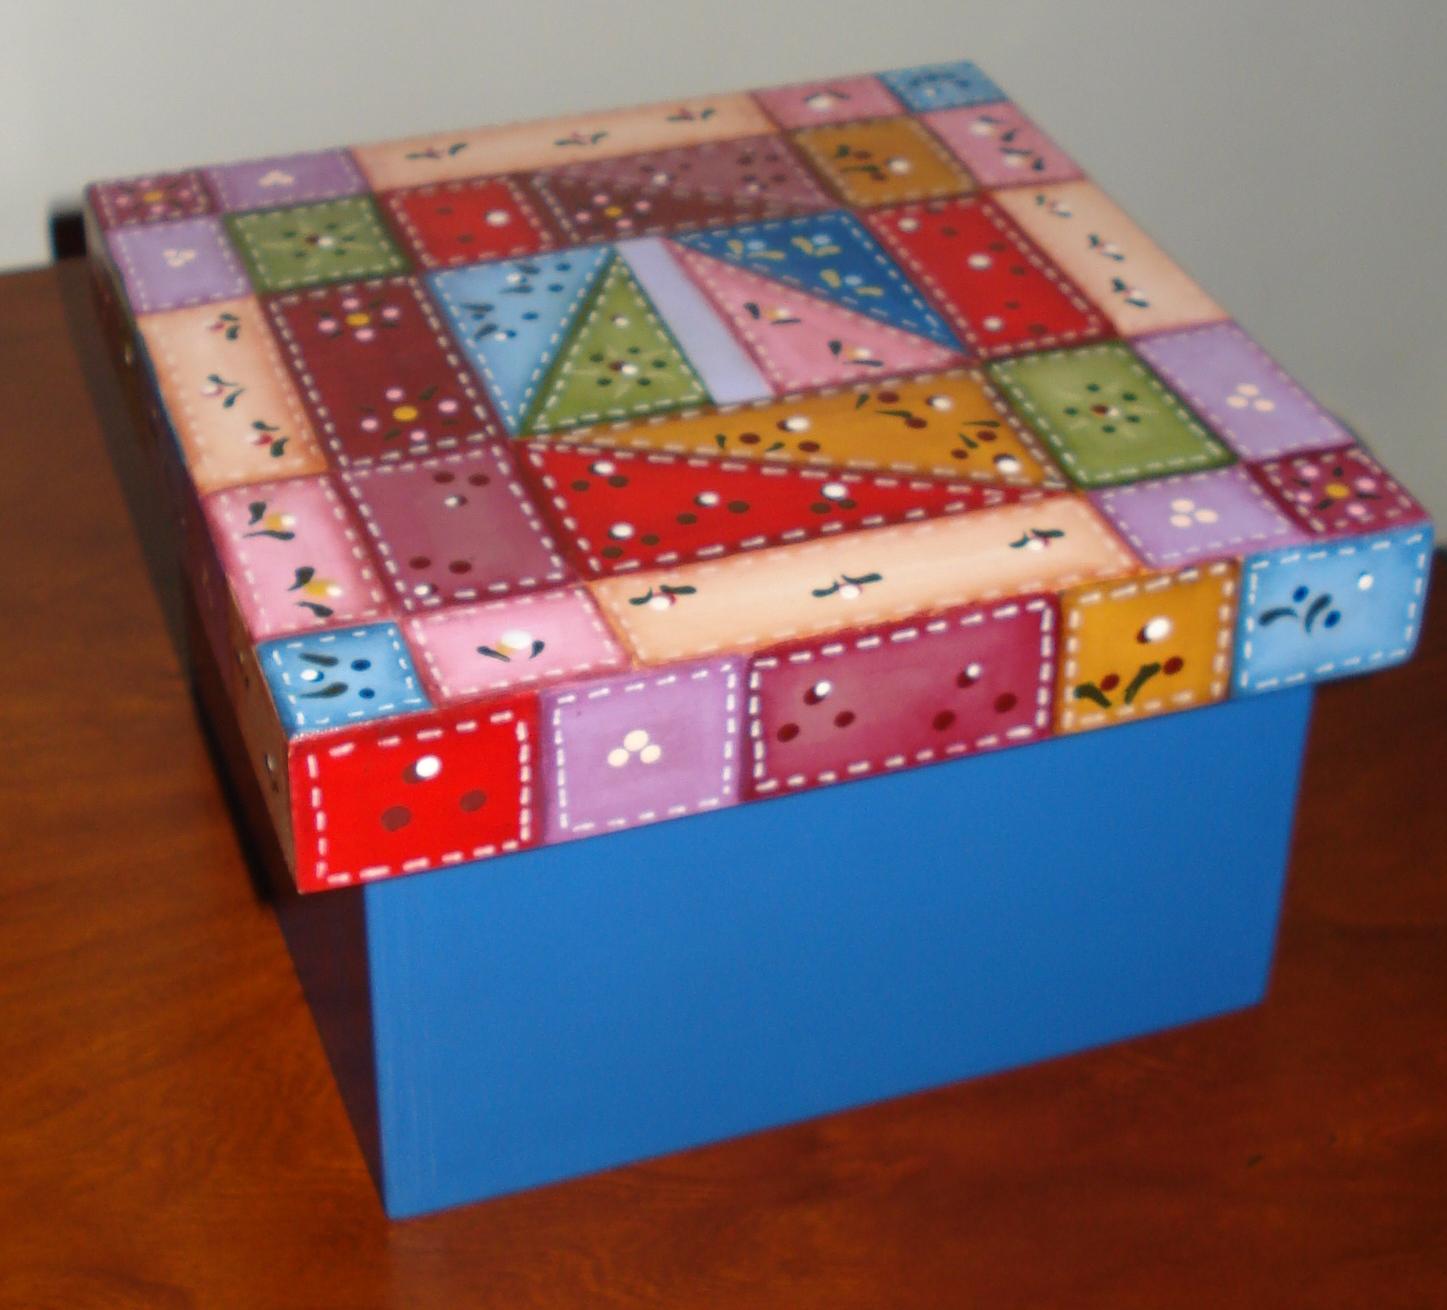 caixa de madeira tintas acrílicas e pinta bolas técnicas pintura #B11A1B 1447x1310